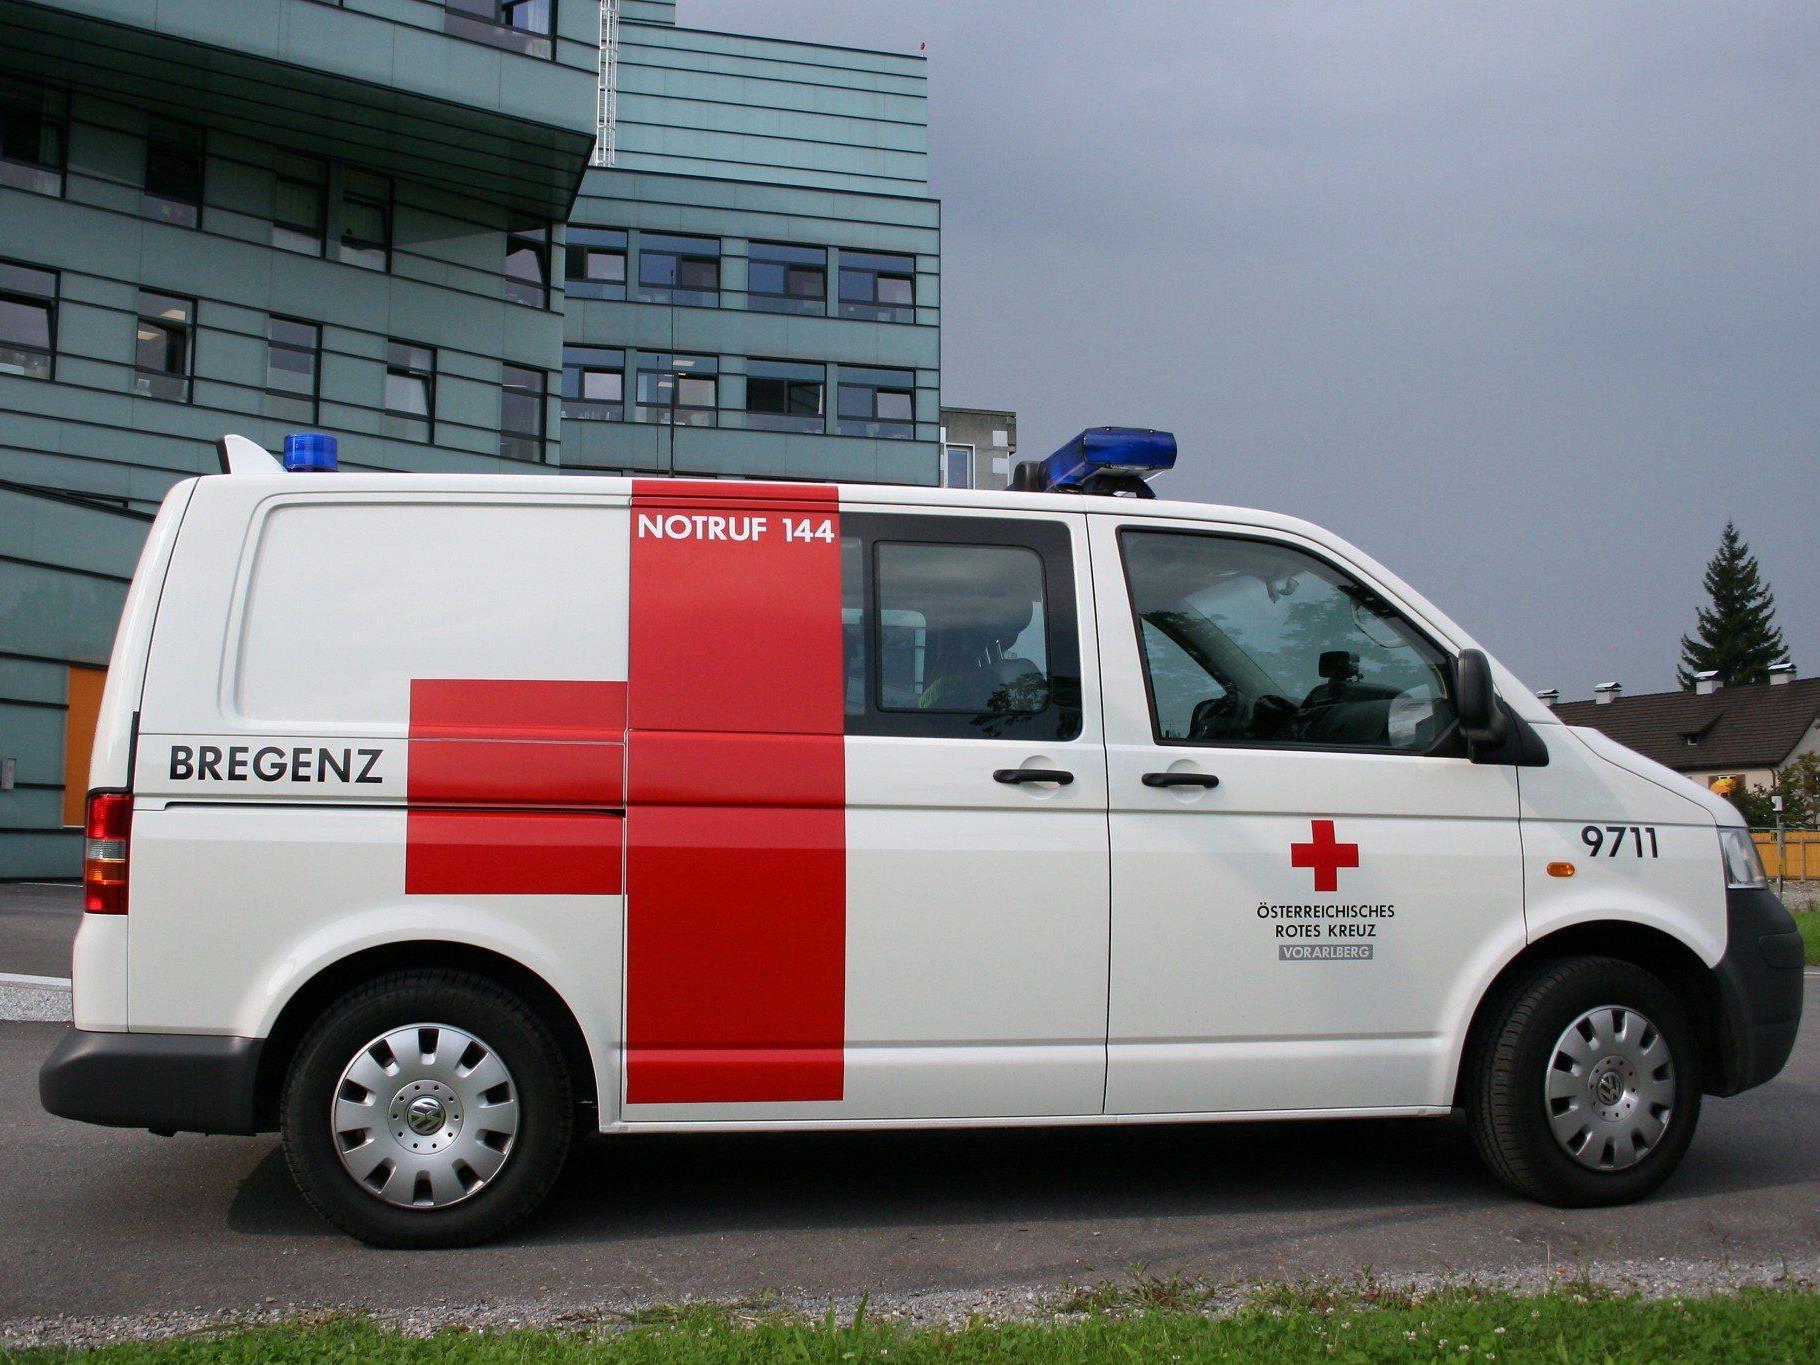 Vier Personen mussten ambulant im Spital behandelt werden - 31-Jähriger wird angezeigt